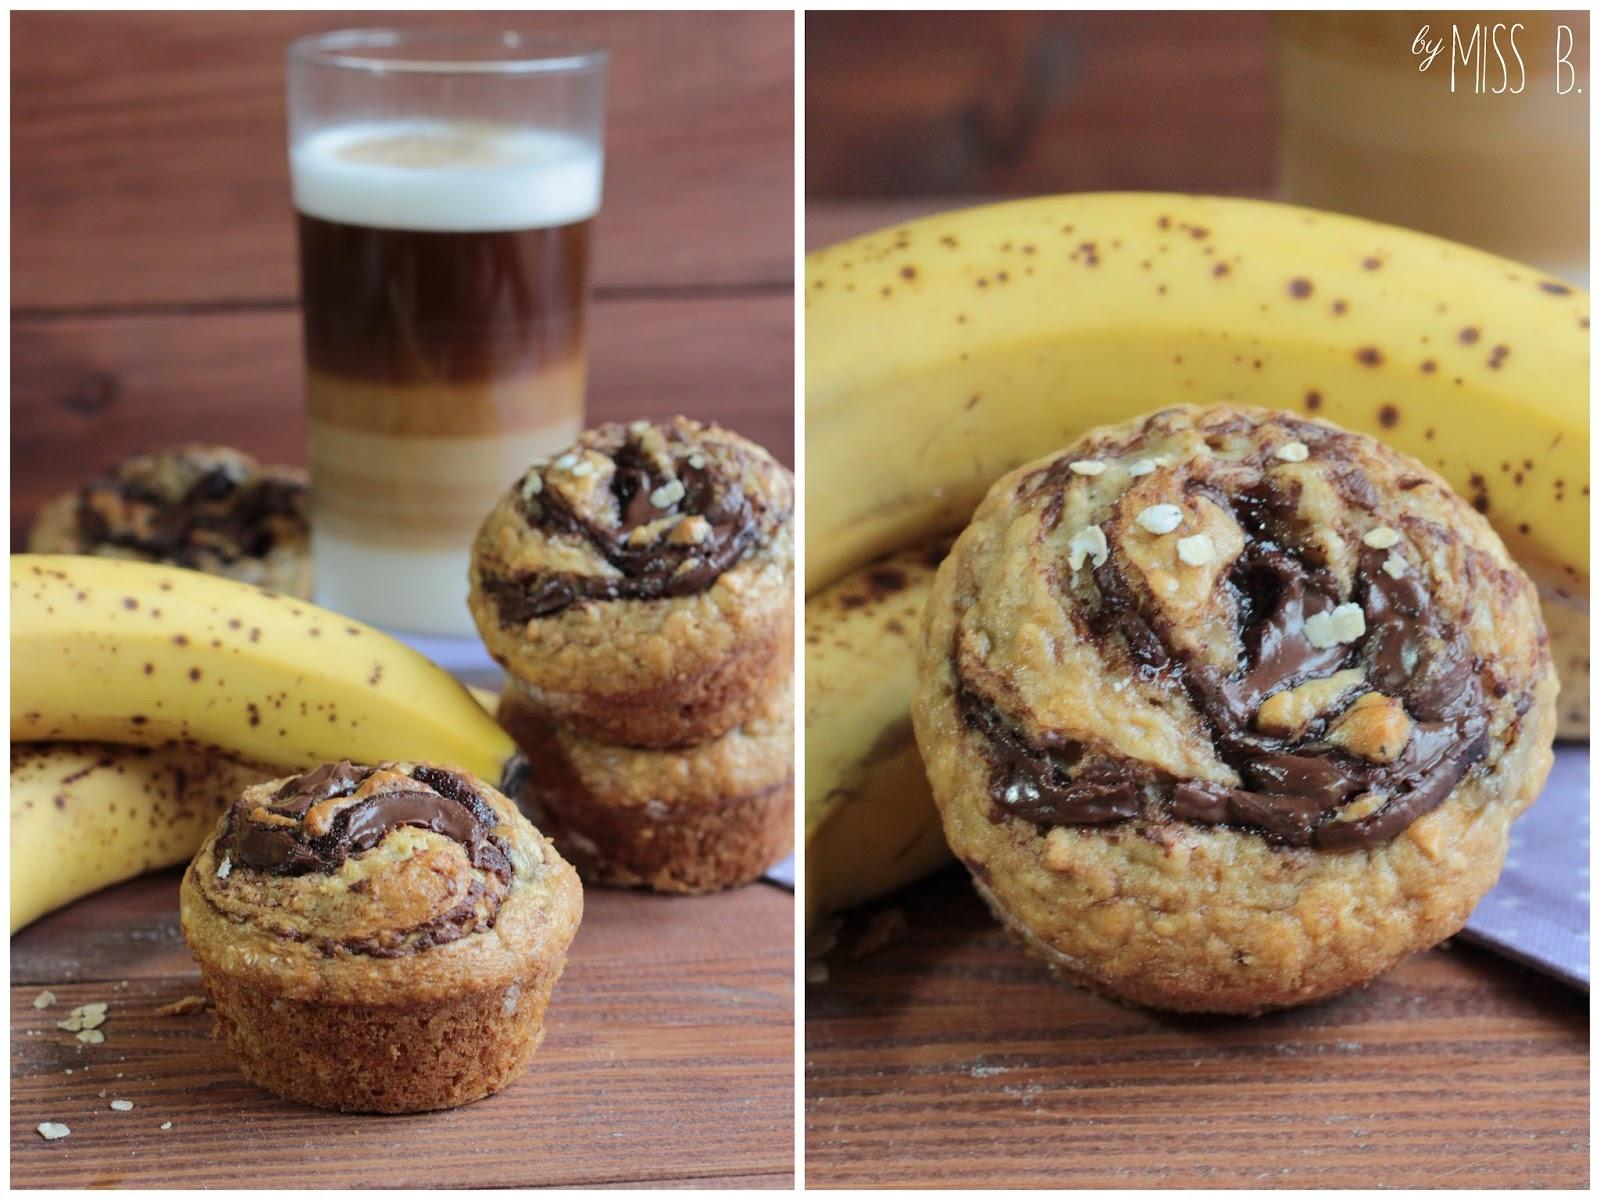 miss blueberrymuffin 39 s kitchen fr hst cksmuffins mit nutella und banane. Black Bedroom Furniture Sets. Home Design Ideas